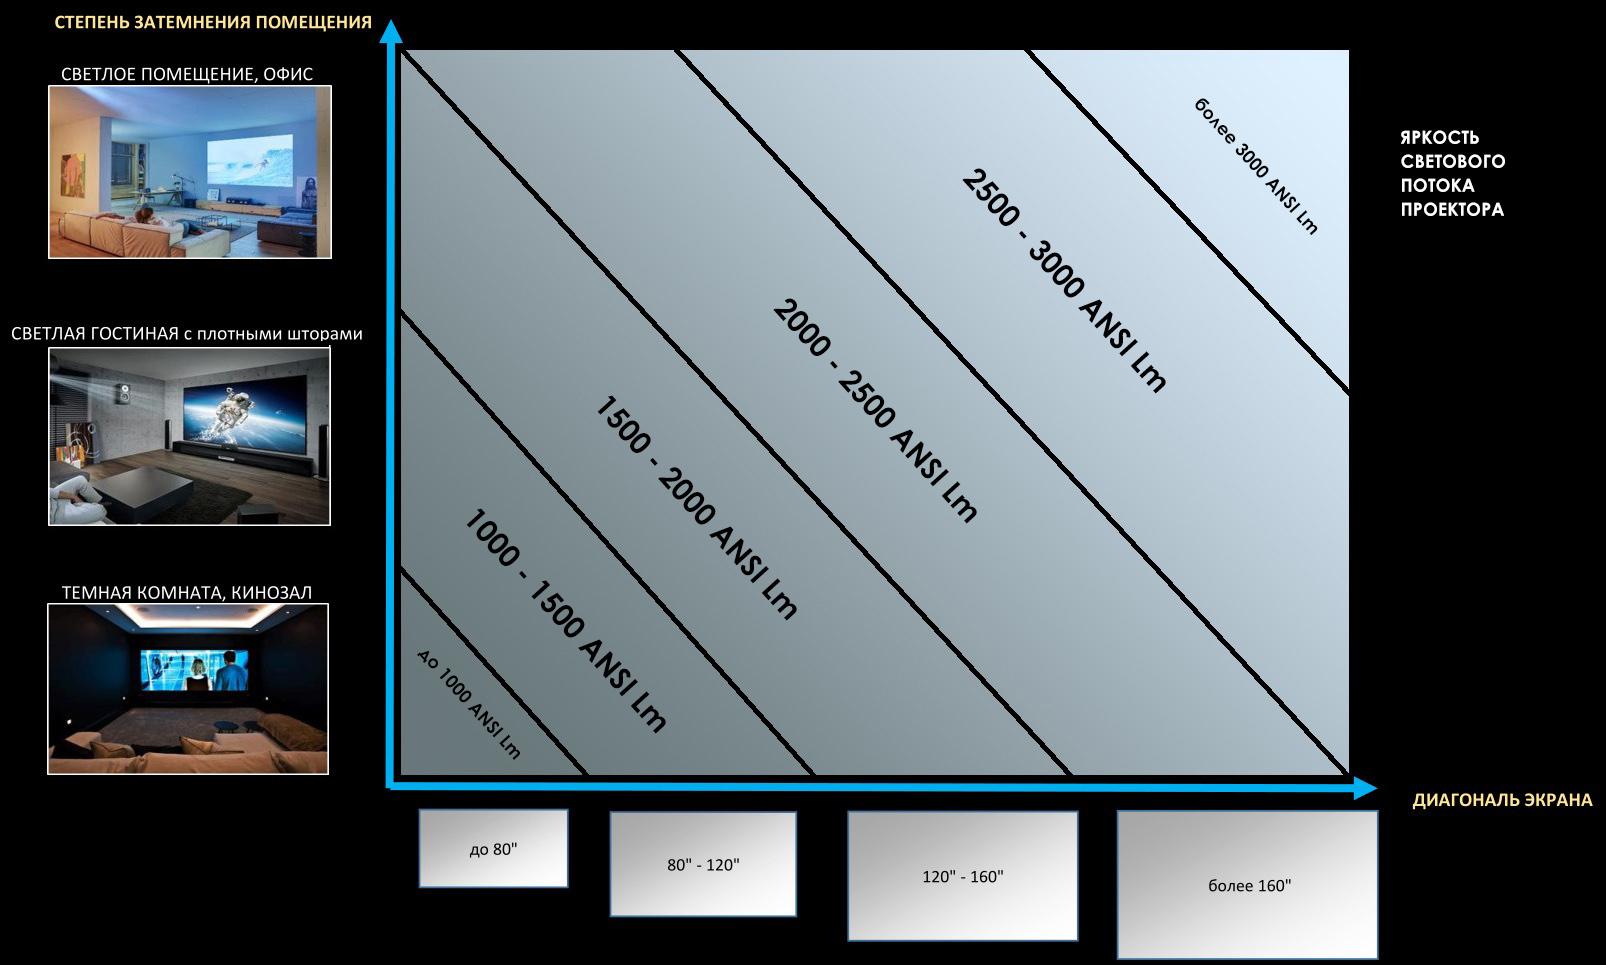 таблица подбора яркости проектора